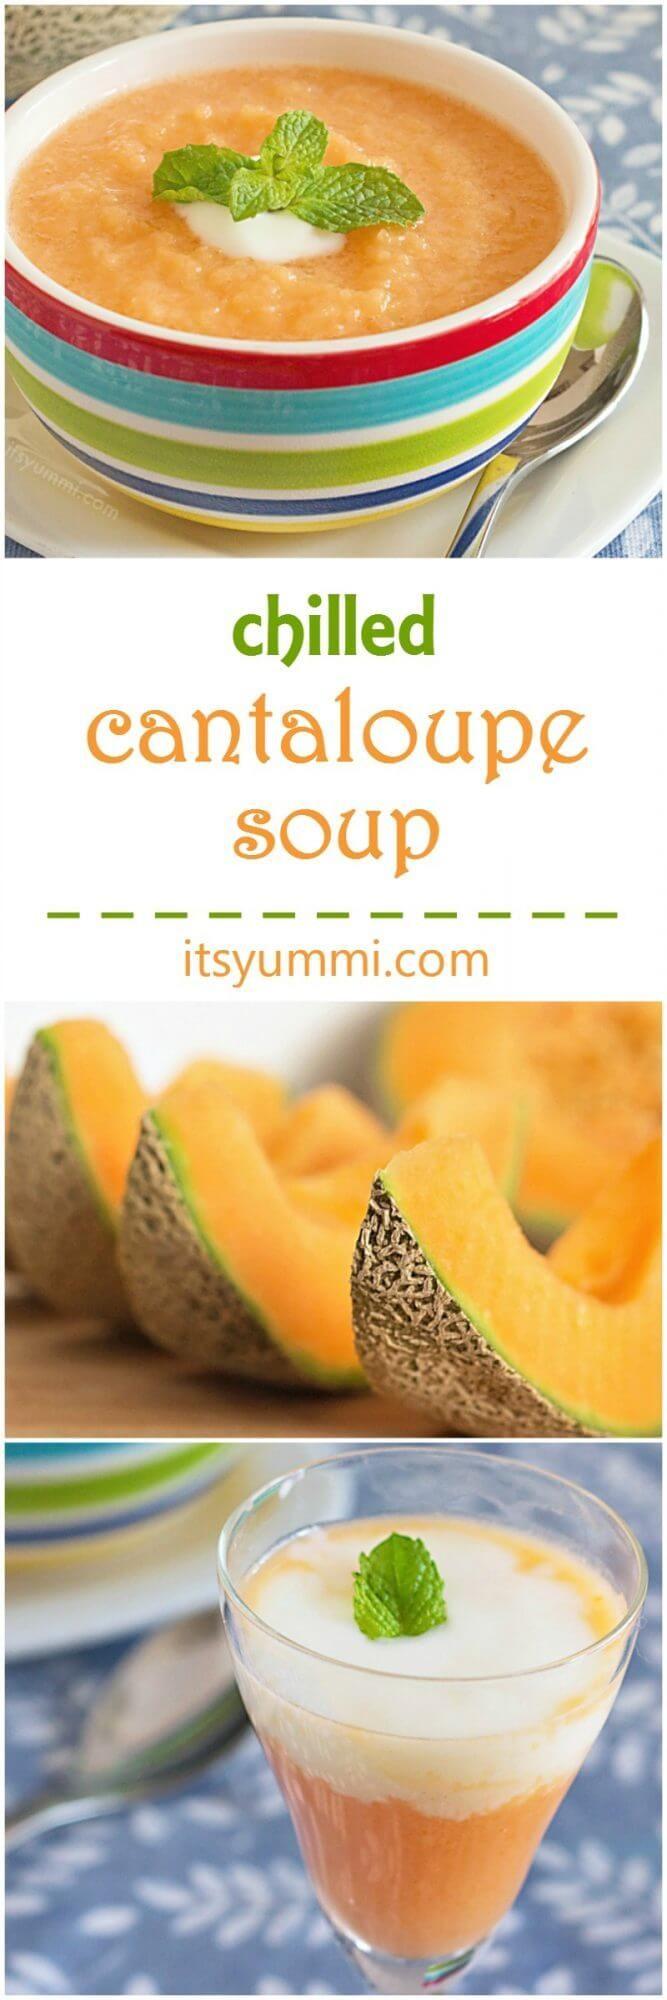 chilled cantaloupe soup recipe! Featuring Greek yogurt, cantaloupe ...